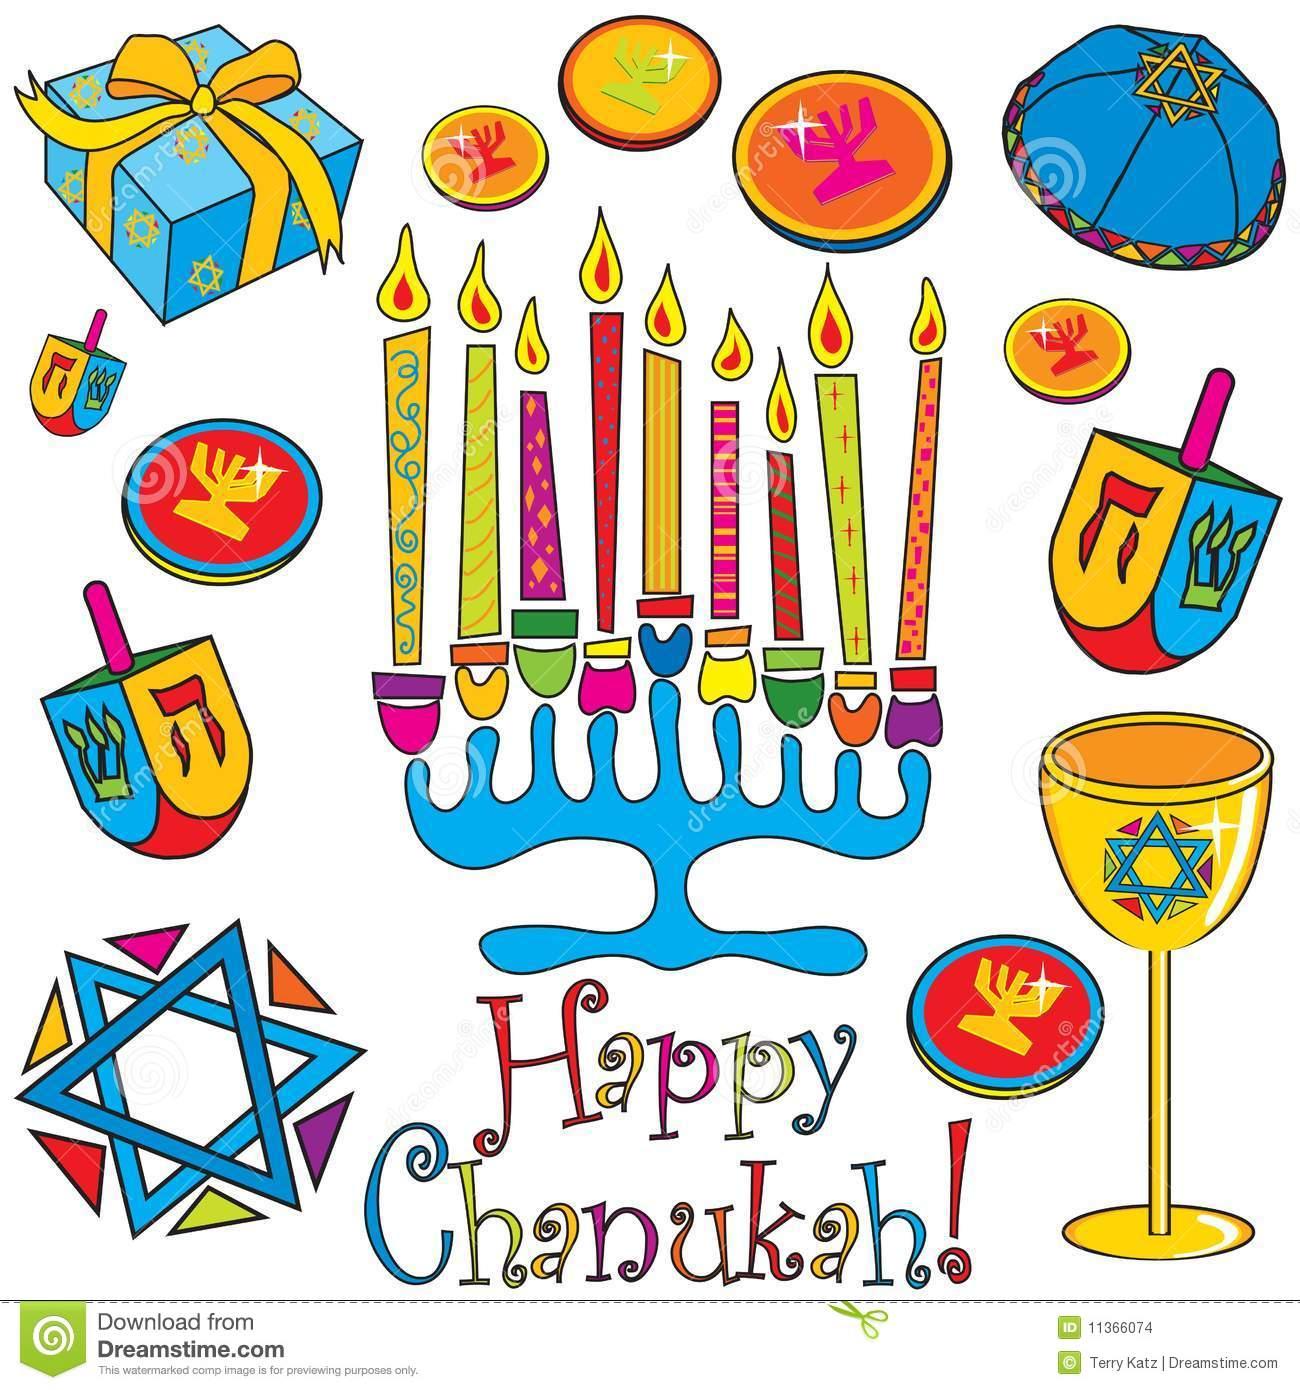 happy-chanukah-11366074